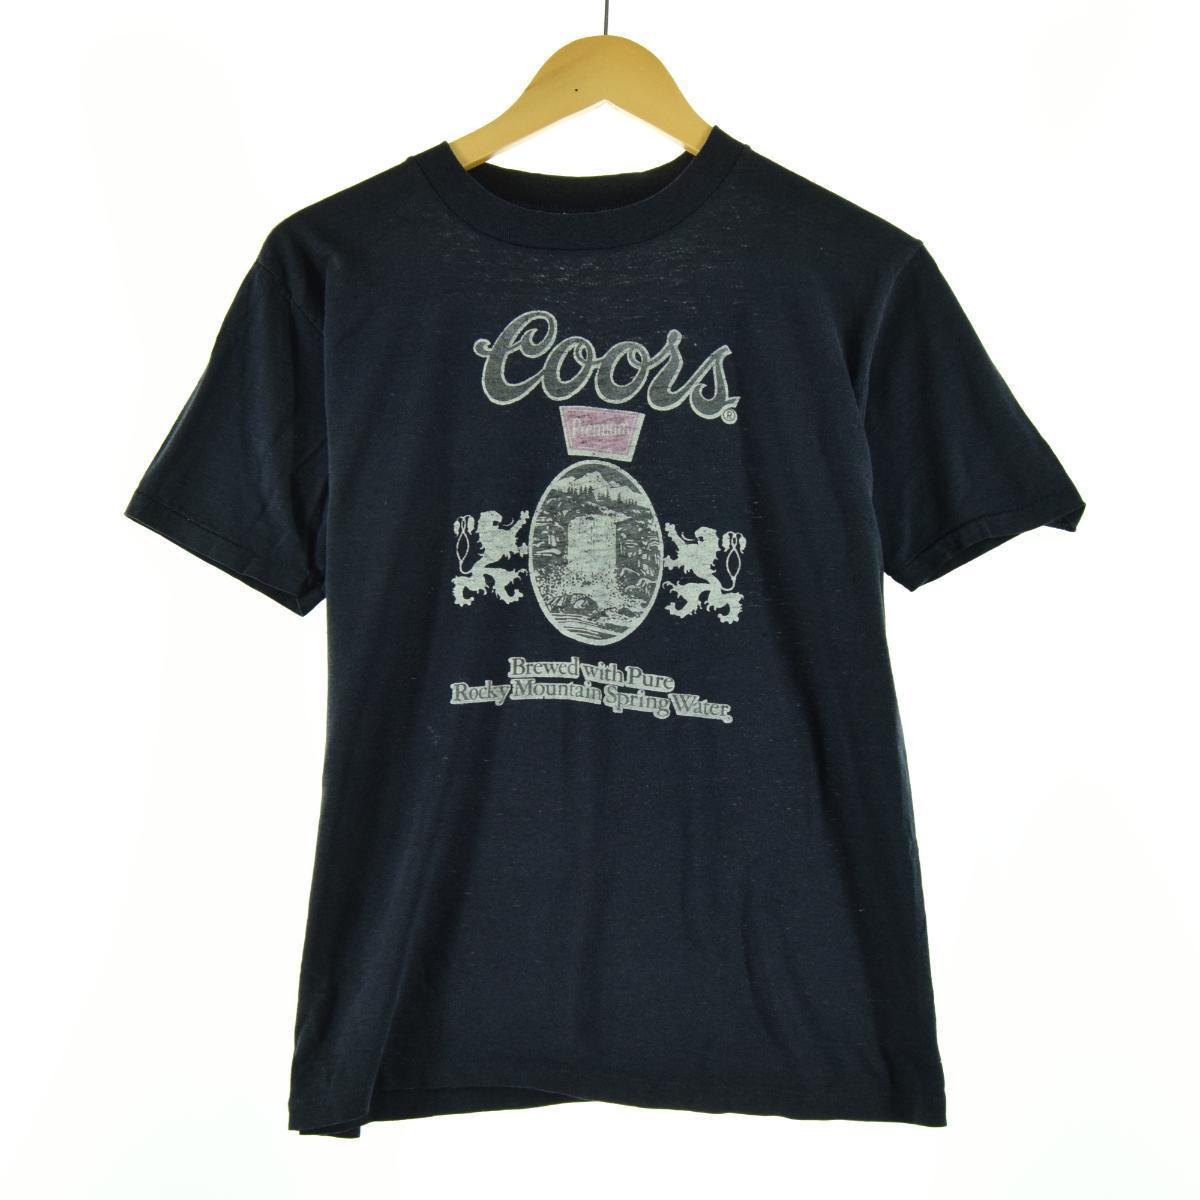 Coors アドバタイジングTシャツ メンズS eaa063837 中古 200726 SS2009 JS2010 CS2101 SS2101 SS2012 SS2106 お気に入 KF2012 セール品